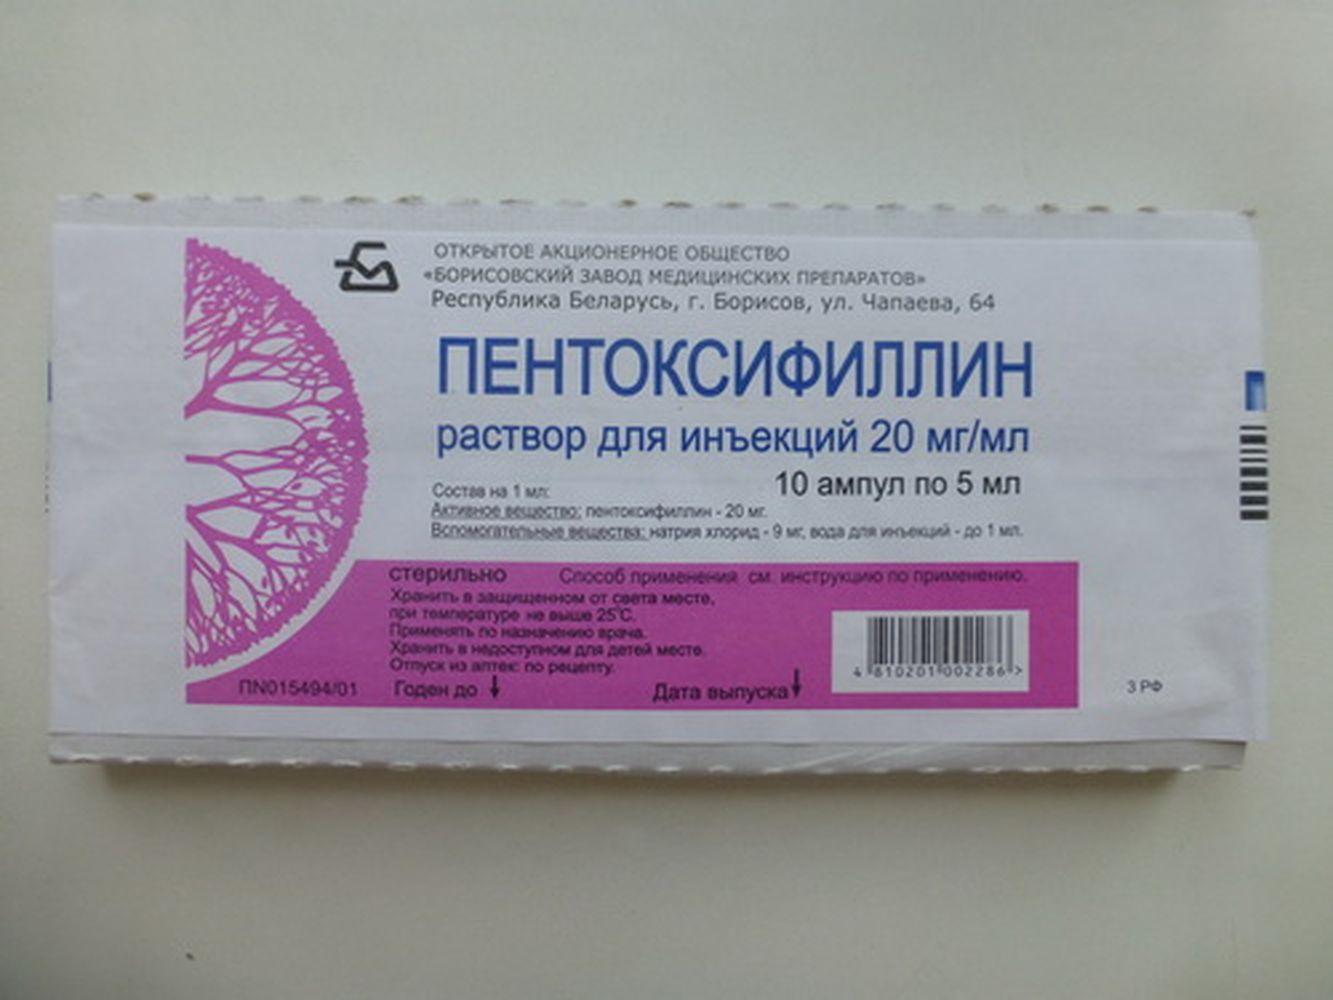 Пентоксифиллин – инструкция по применению, состав, показания, аналоги и отзывы